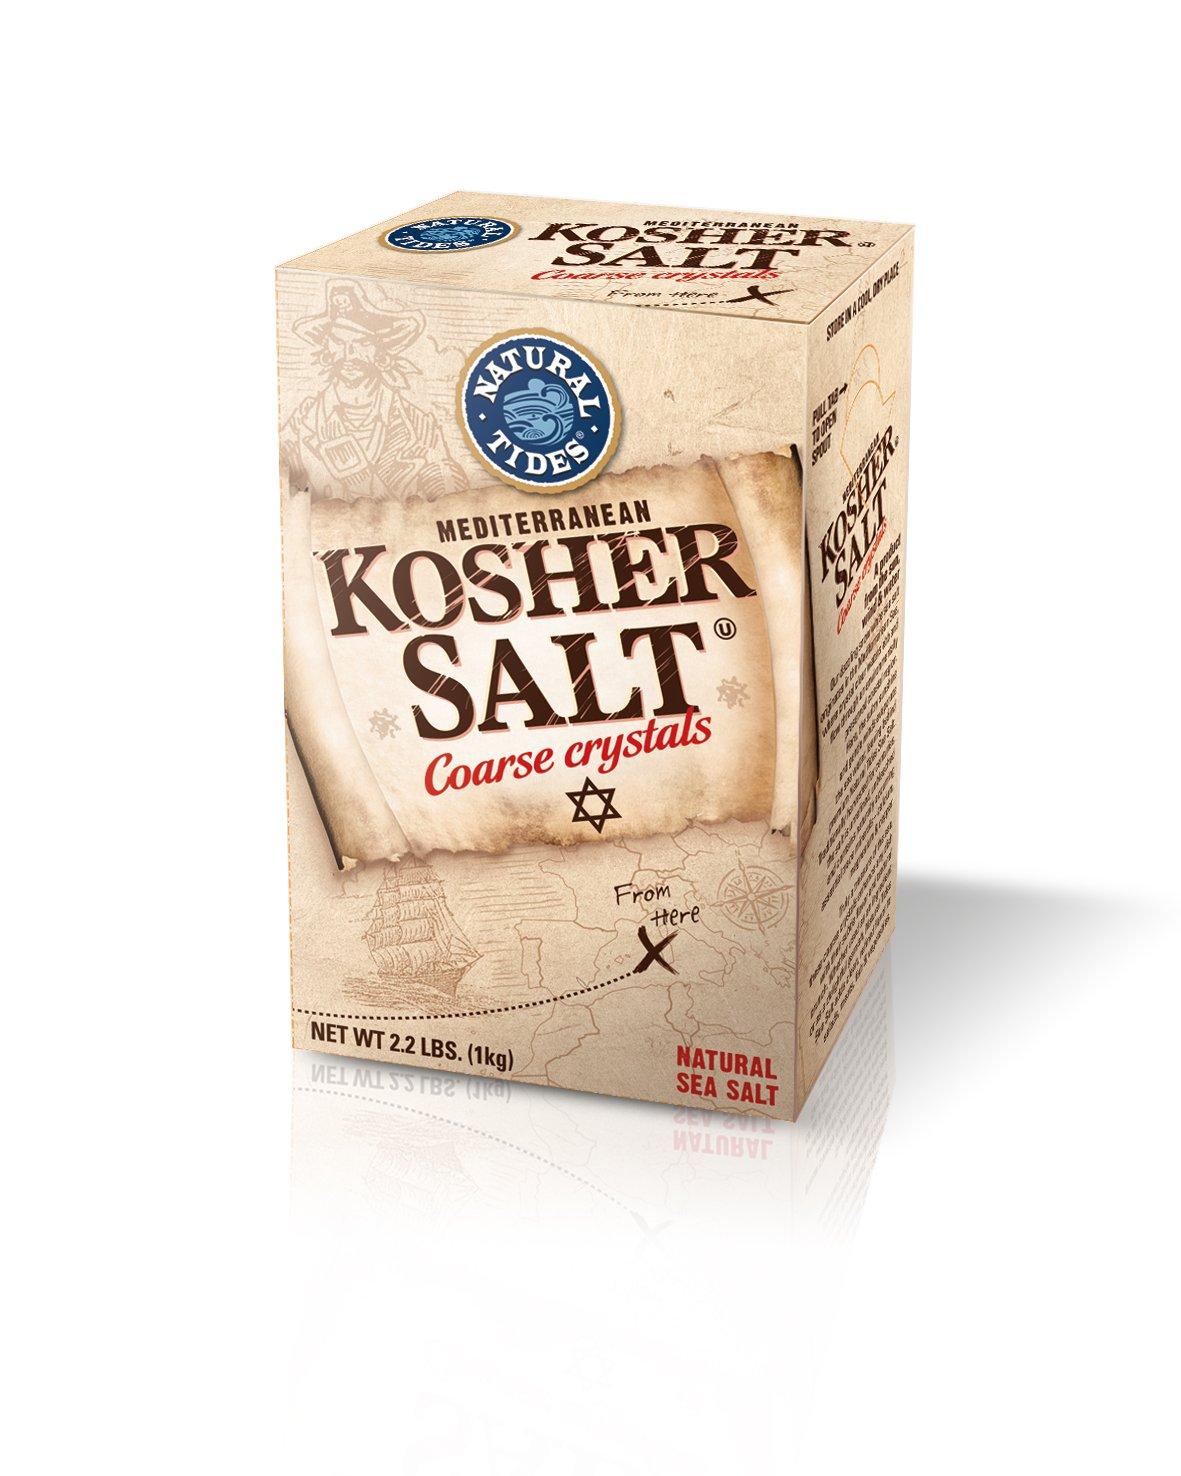 Natural Tides Mediterranean Kosher Salt, 2.2-Pounds (Pack of 6) by NATURAL TIDES (Image #1)